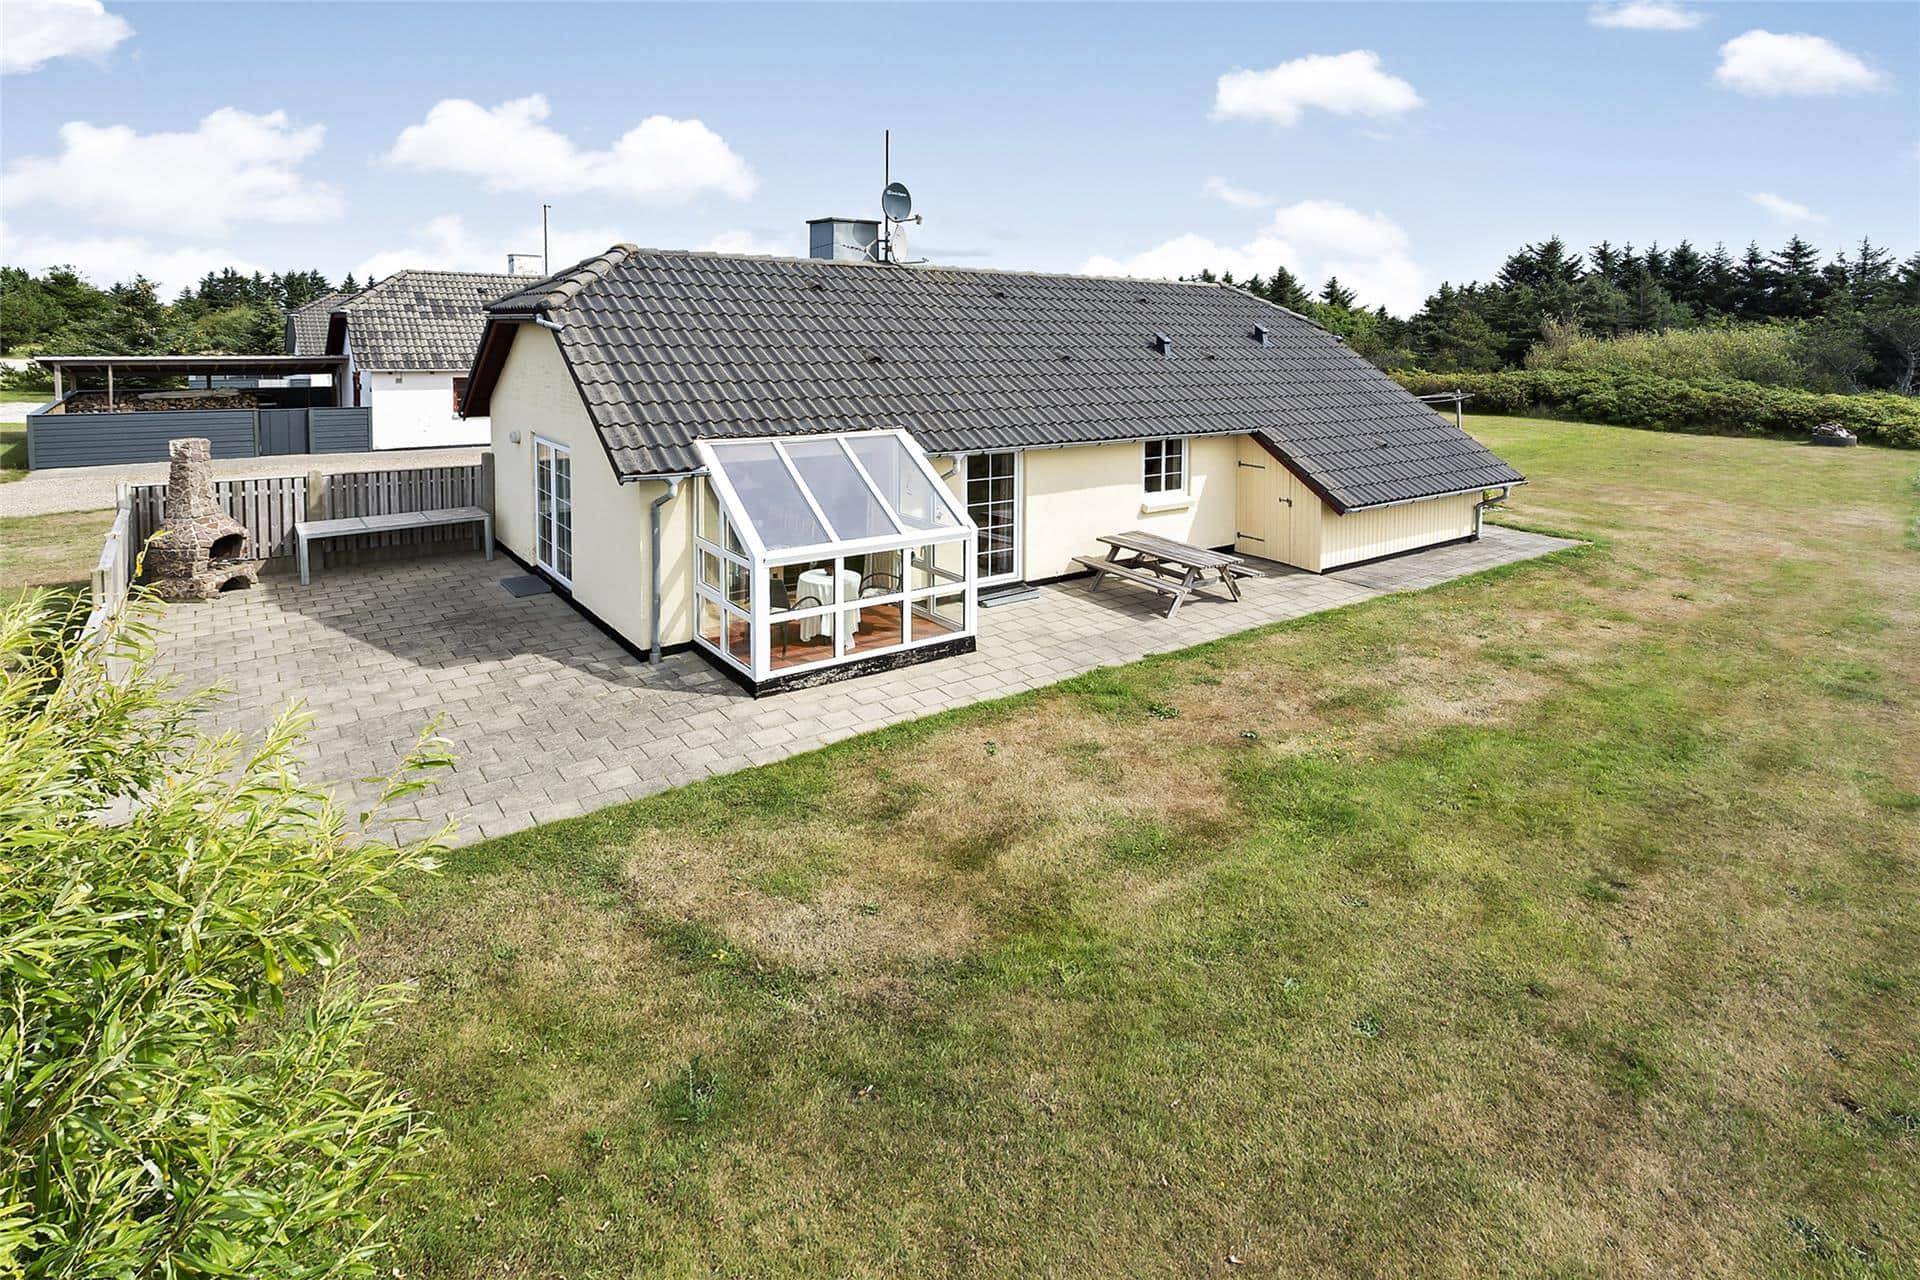 Billede 1-13 Sommerhus 874, Nordsøvej 228, DK - 7700 Thisted